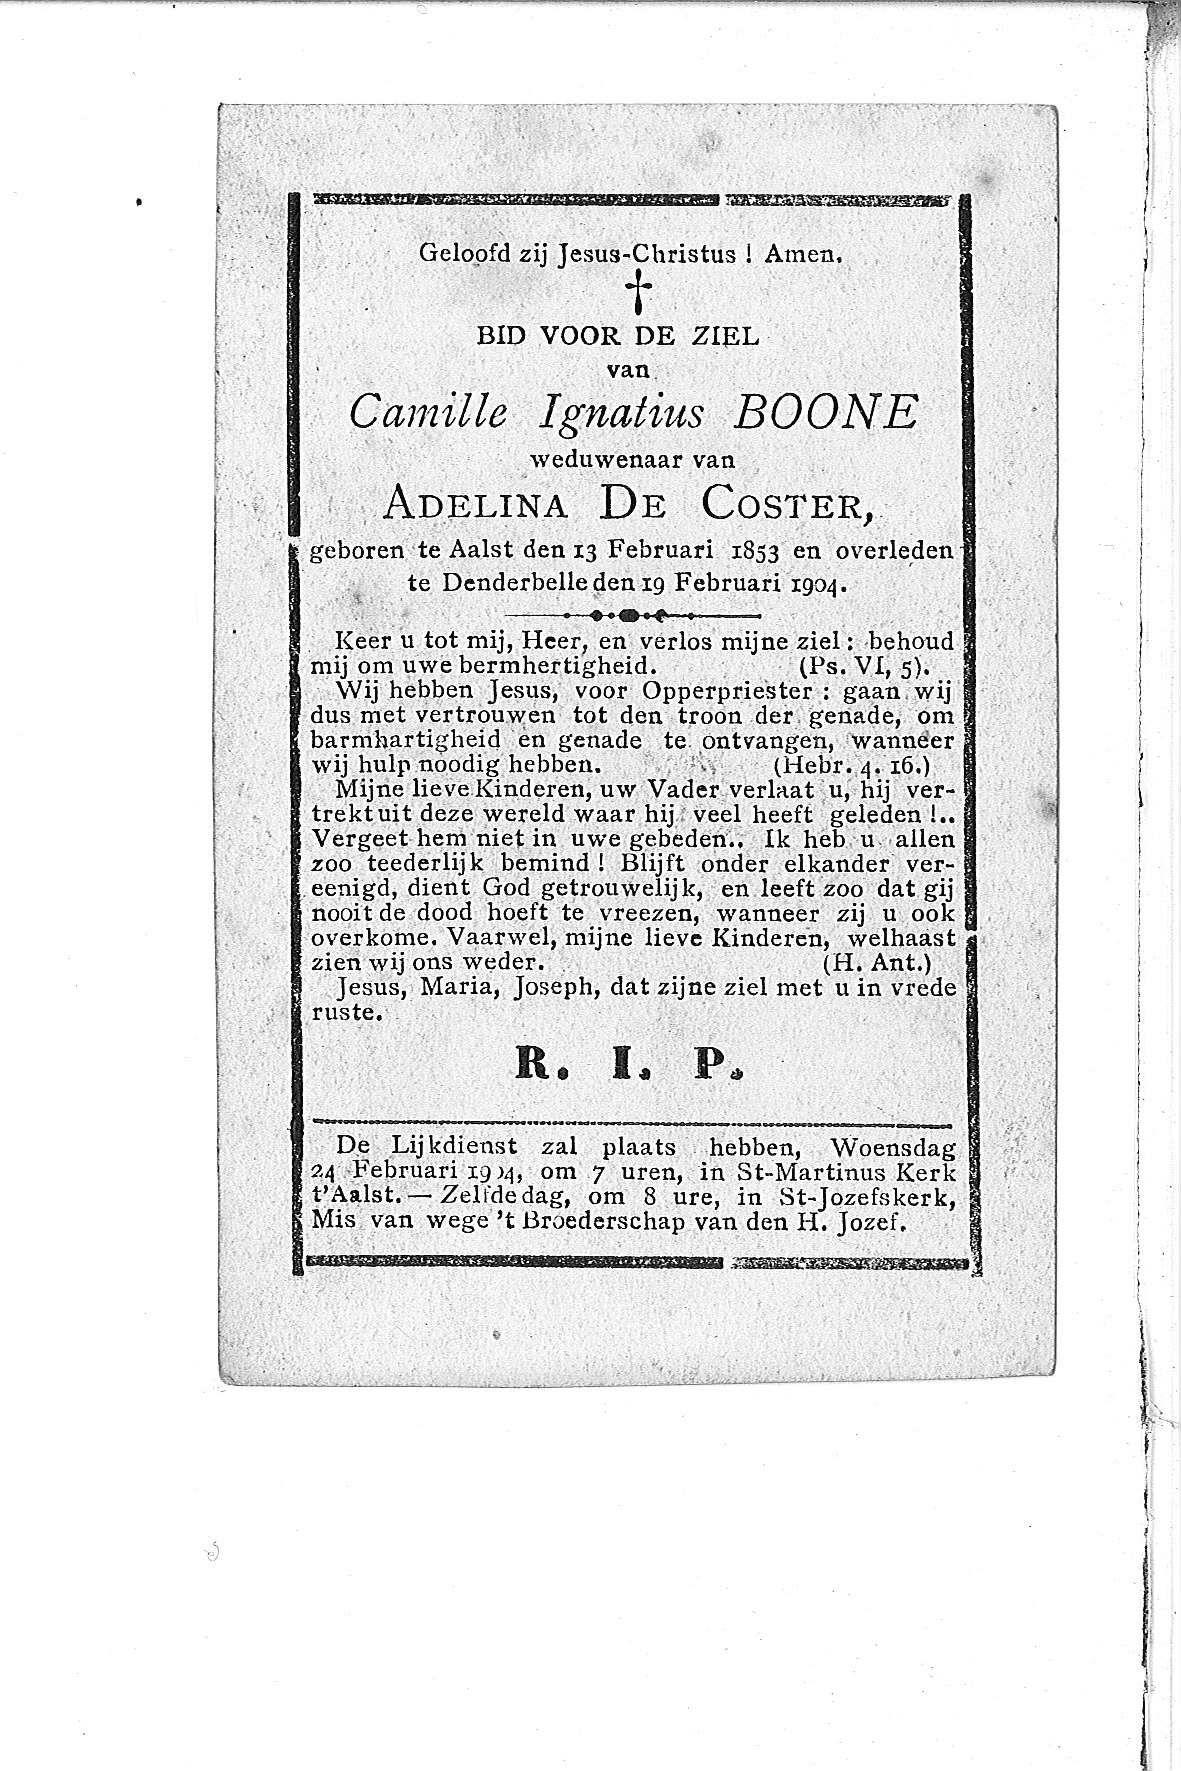 Camille Ignatius(1904)20110513091519_00049.jpg